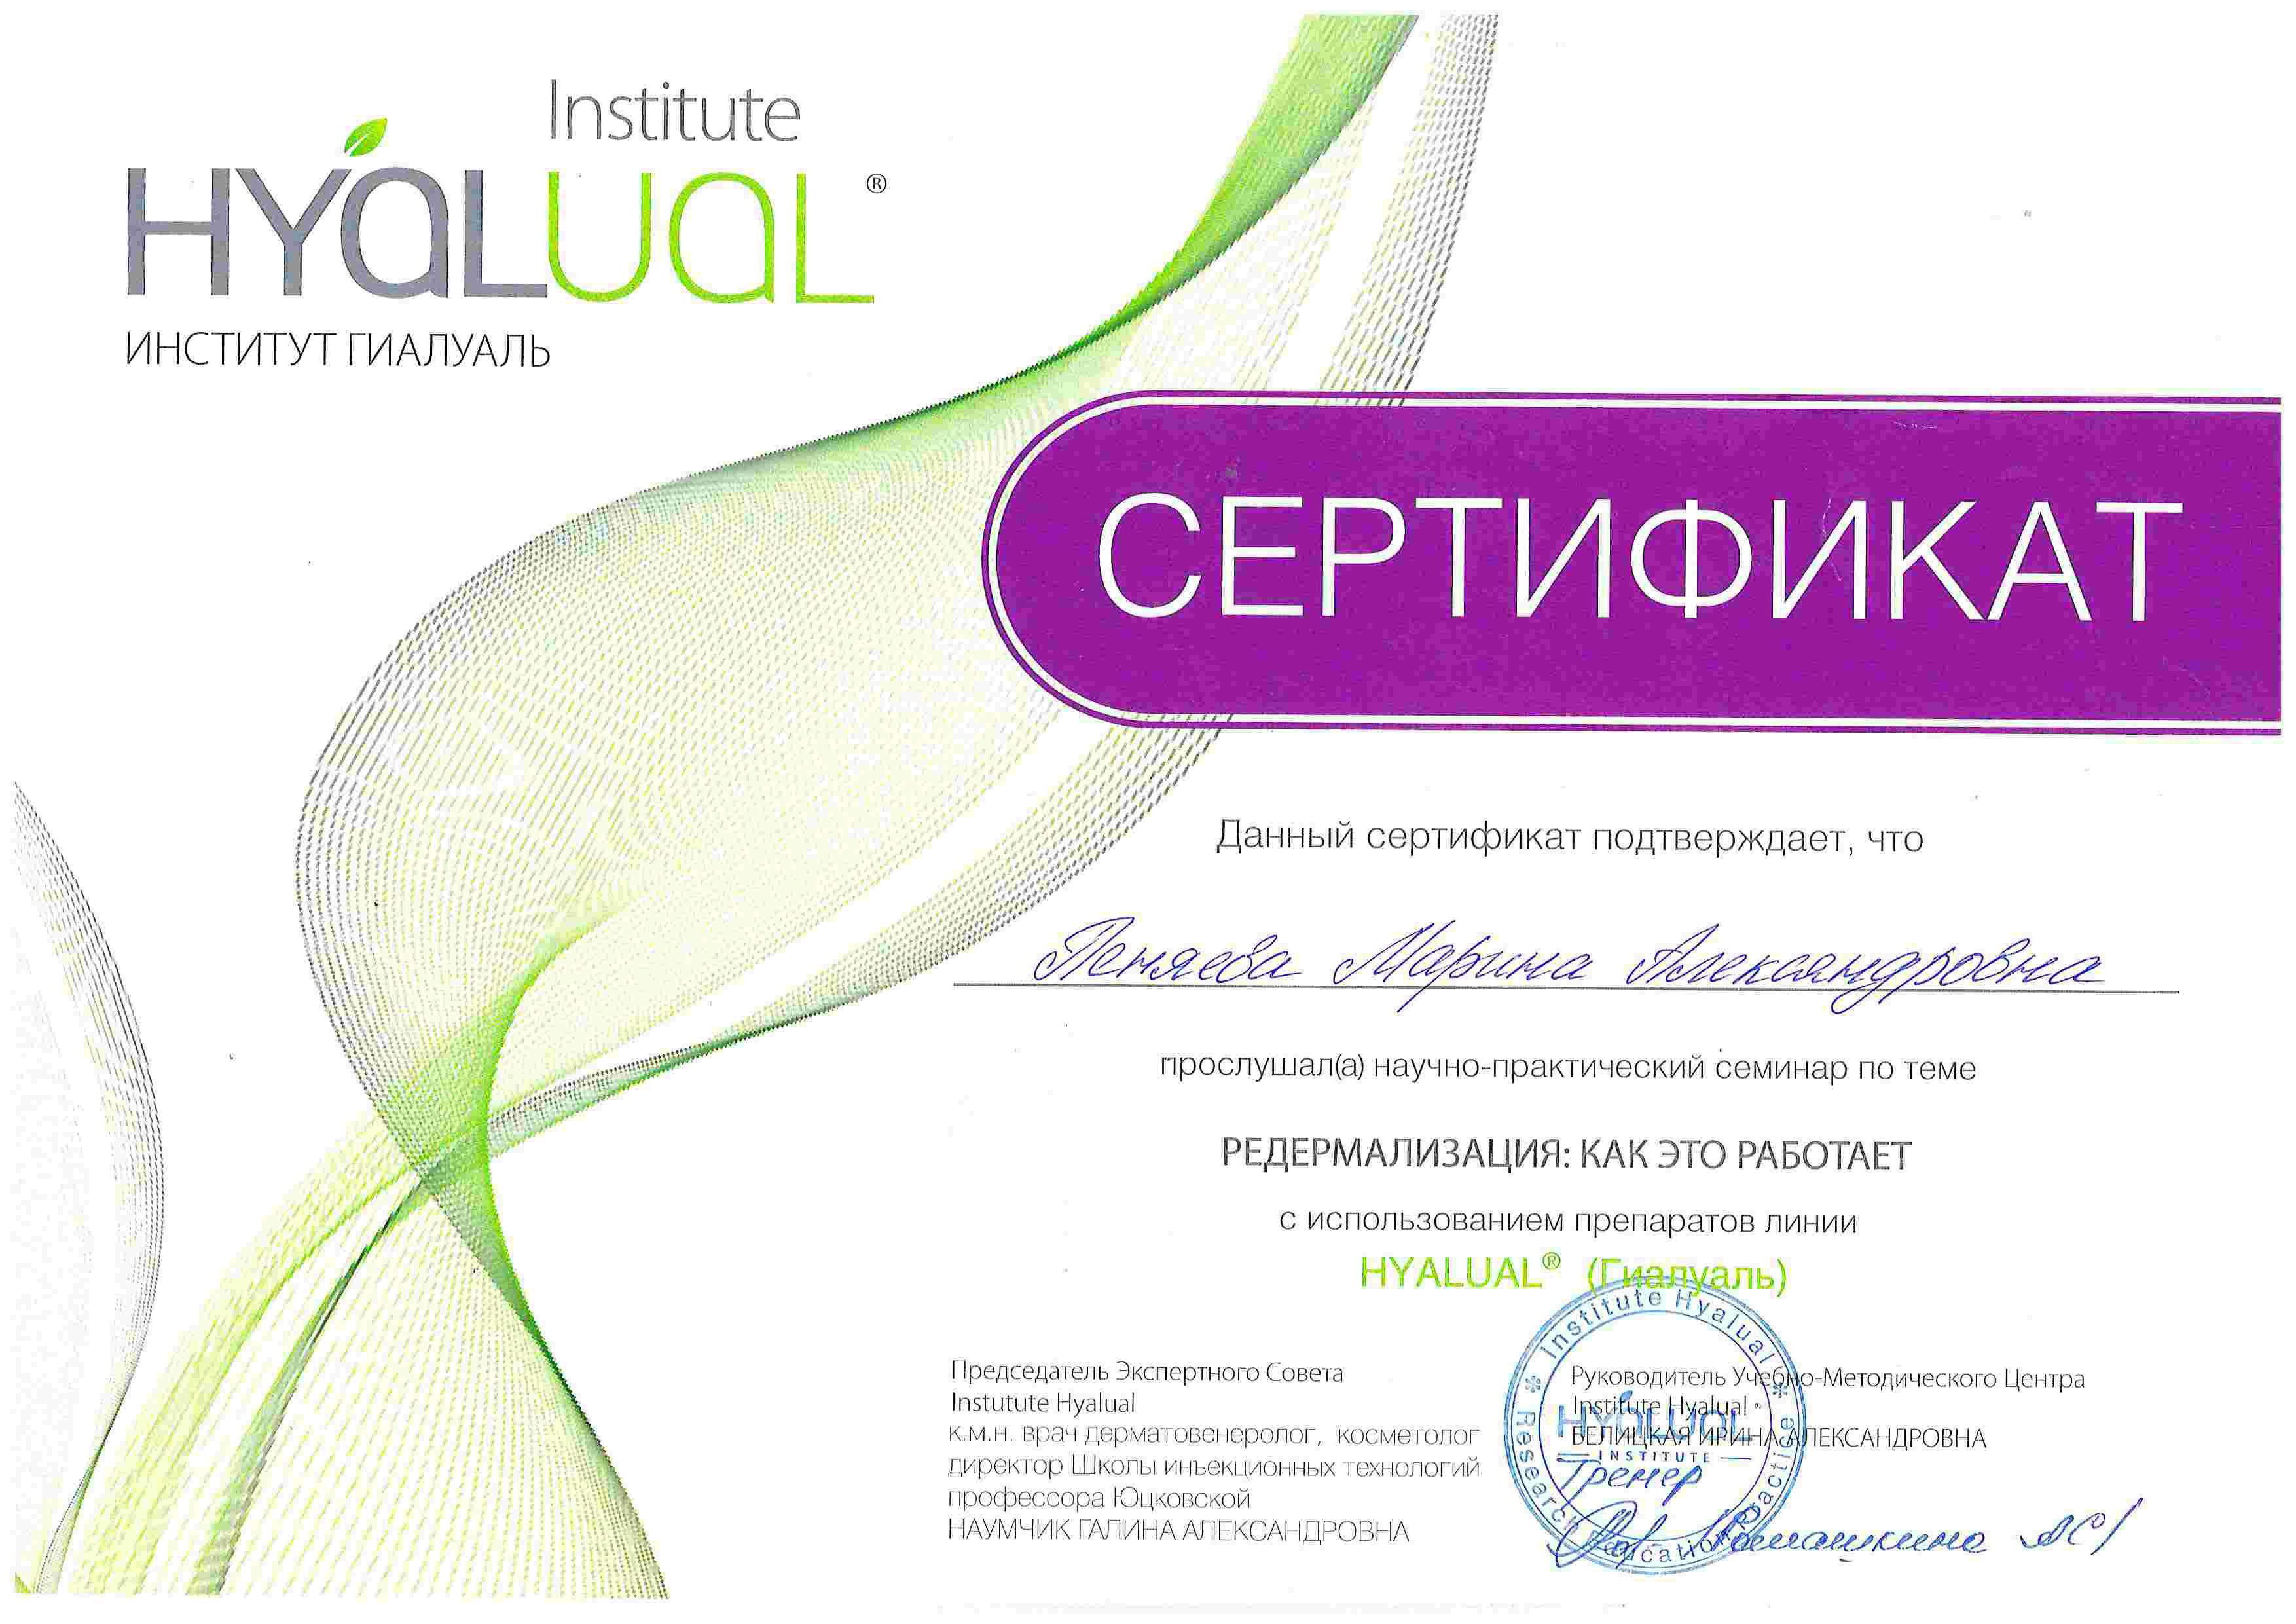 Сертификат — Редермализация. Пеняева Марина Александровна